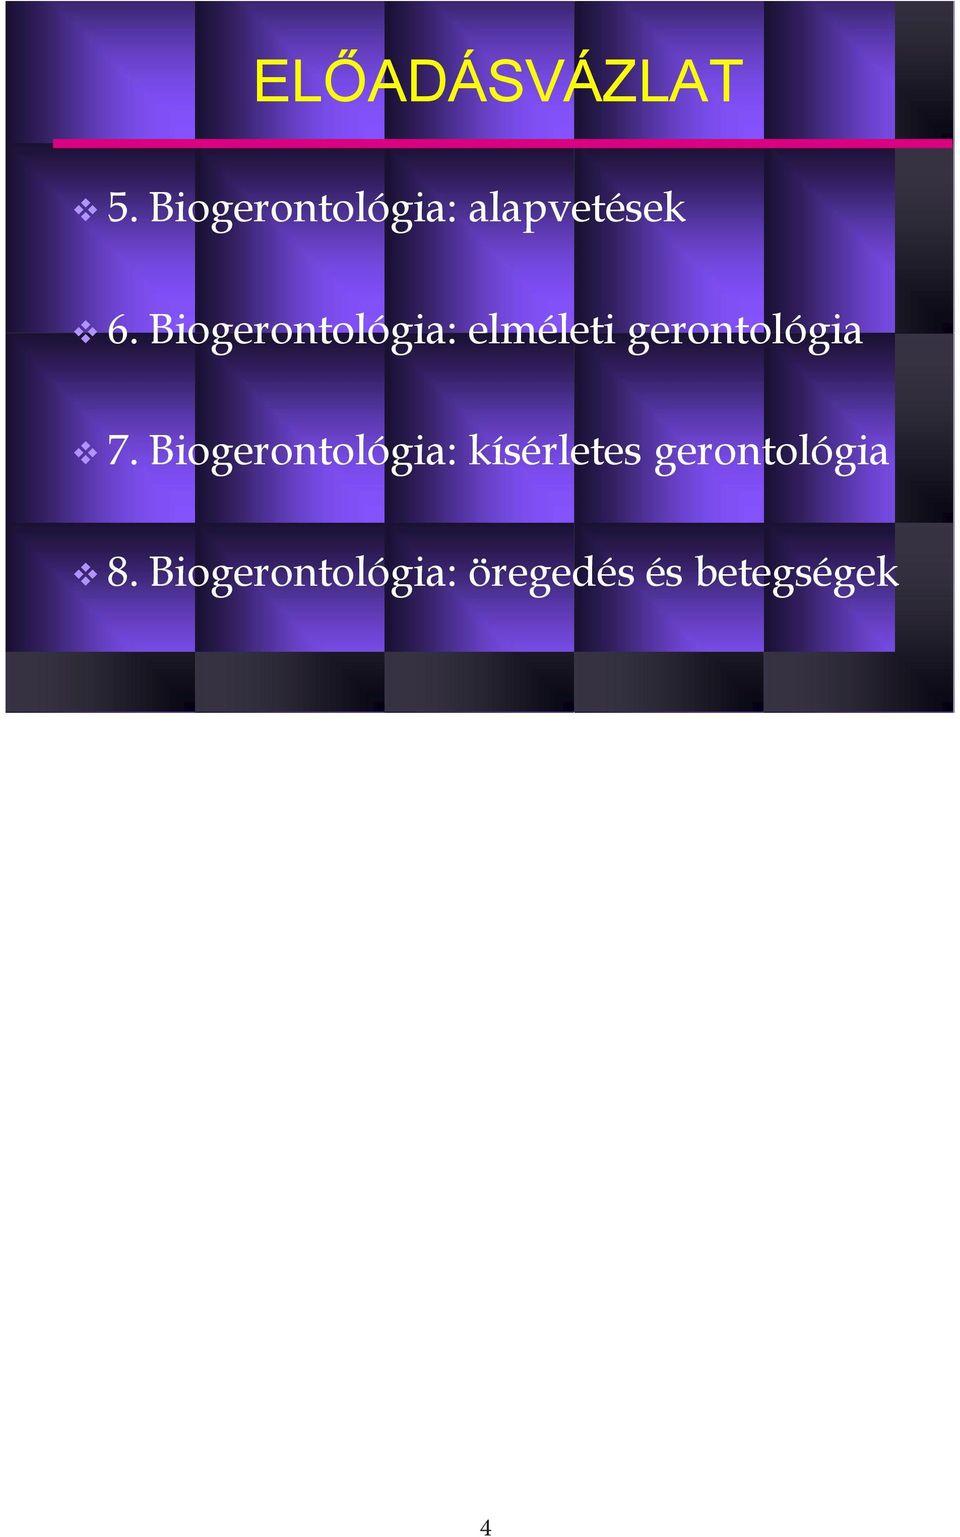 magas vérnyomás és gerontológia